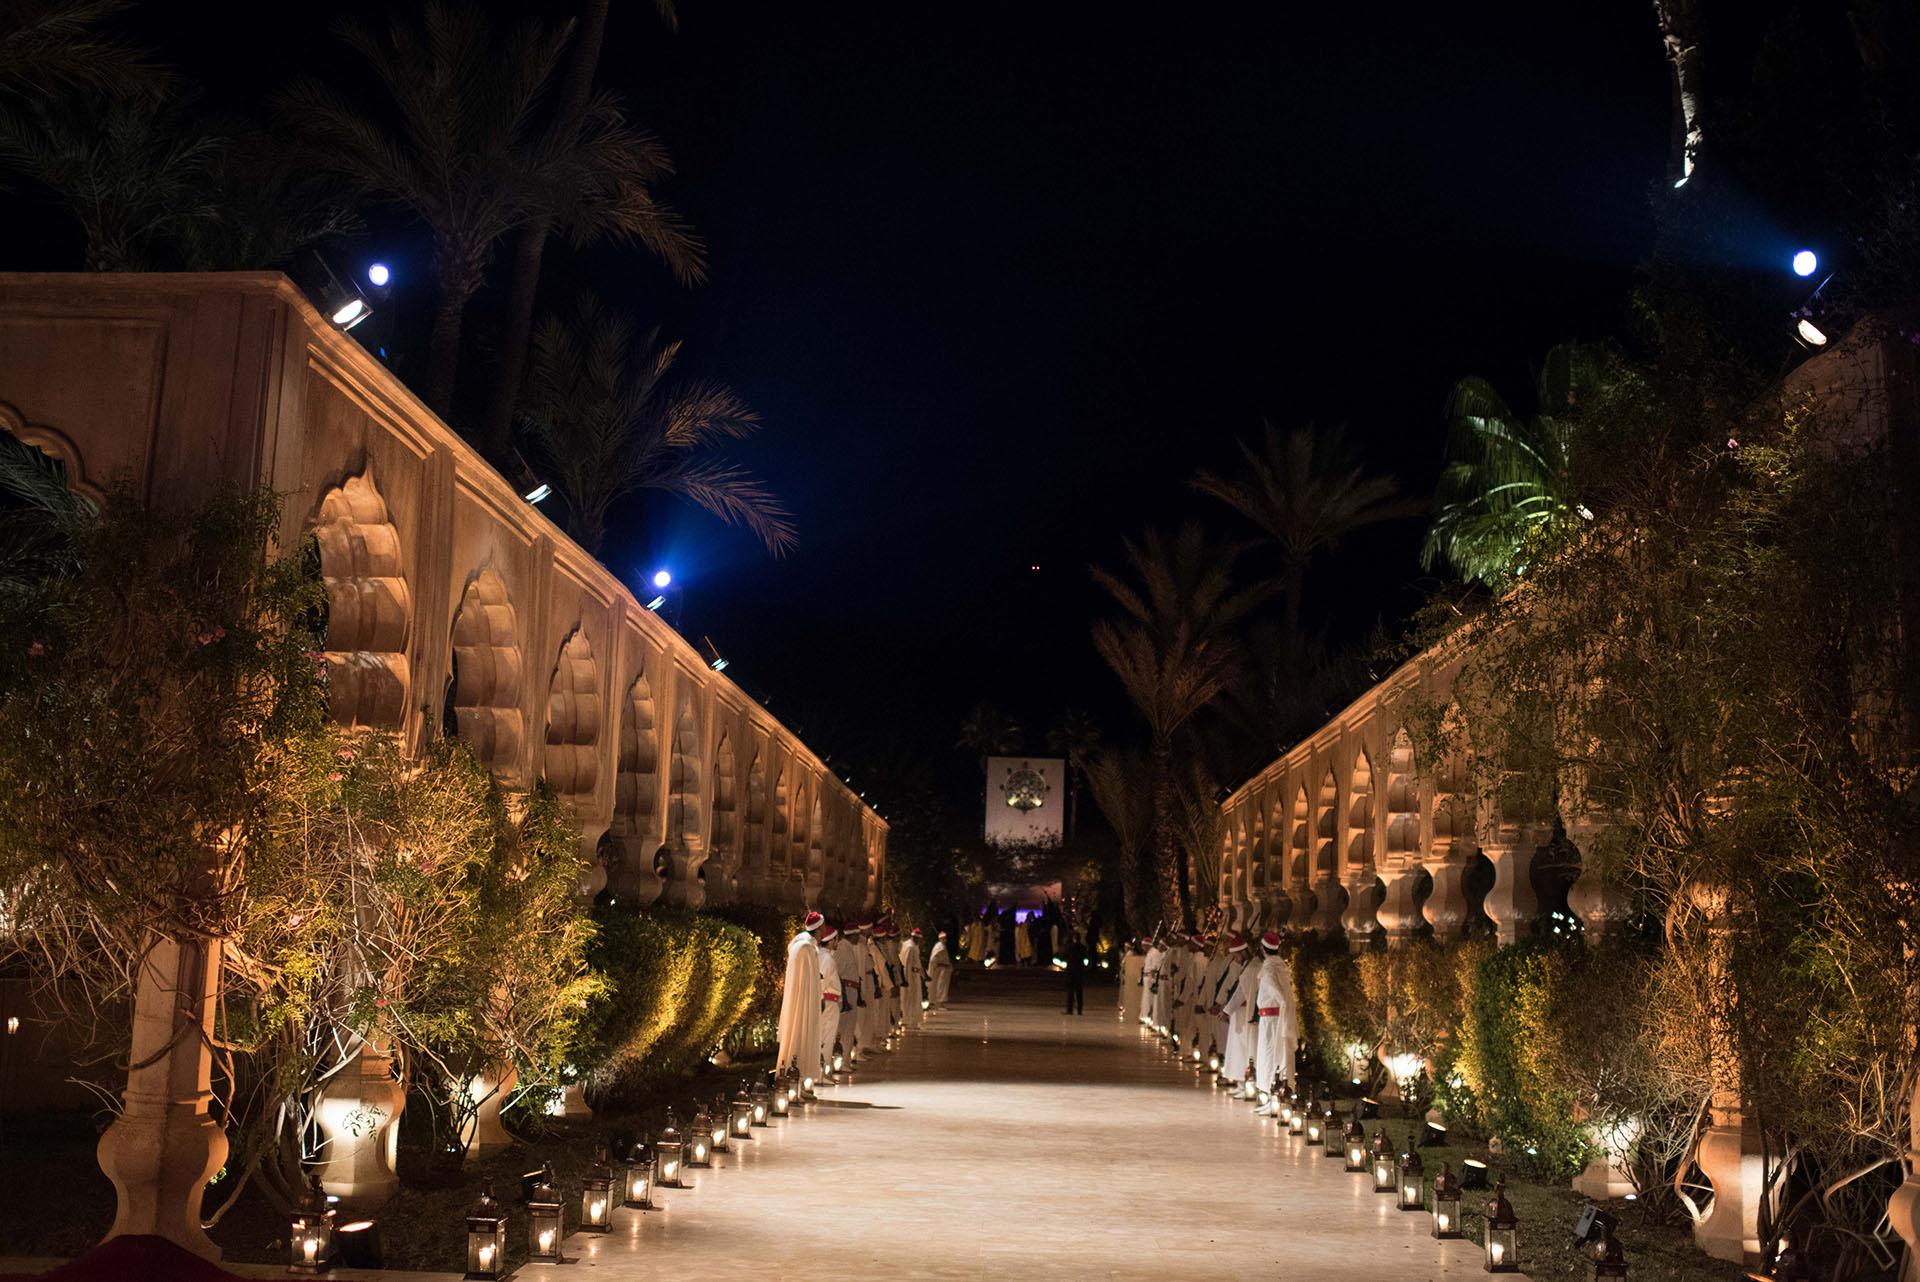 El hotel Palais Namaskar fue el escenario perfecto para la primera fiesta con temática oriental